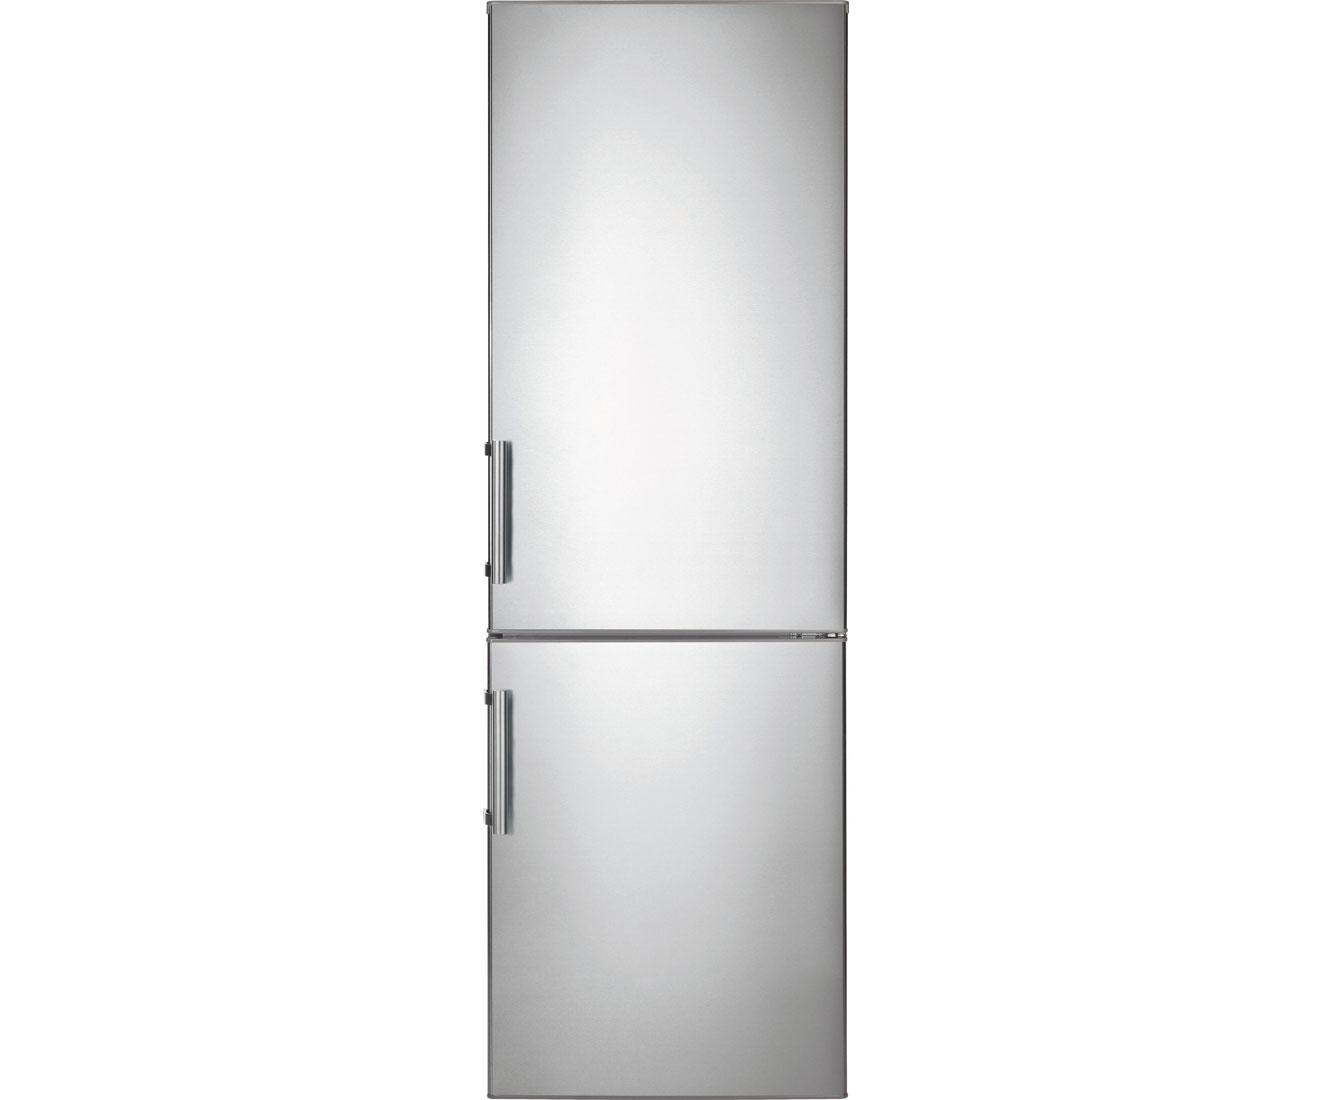 Bomann Kühlschrank 45 Cm Breit : Bomann kg kühl gefrierkombination er breite edelstahl a